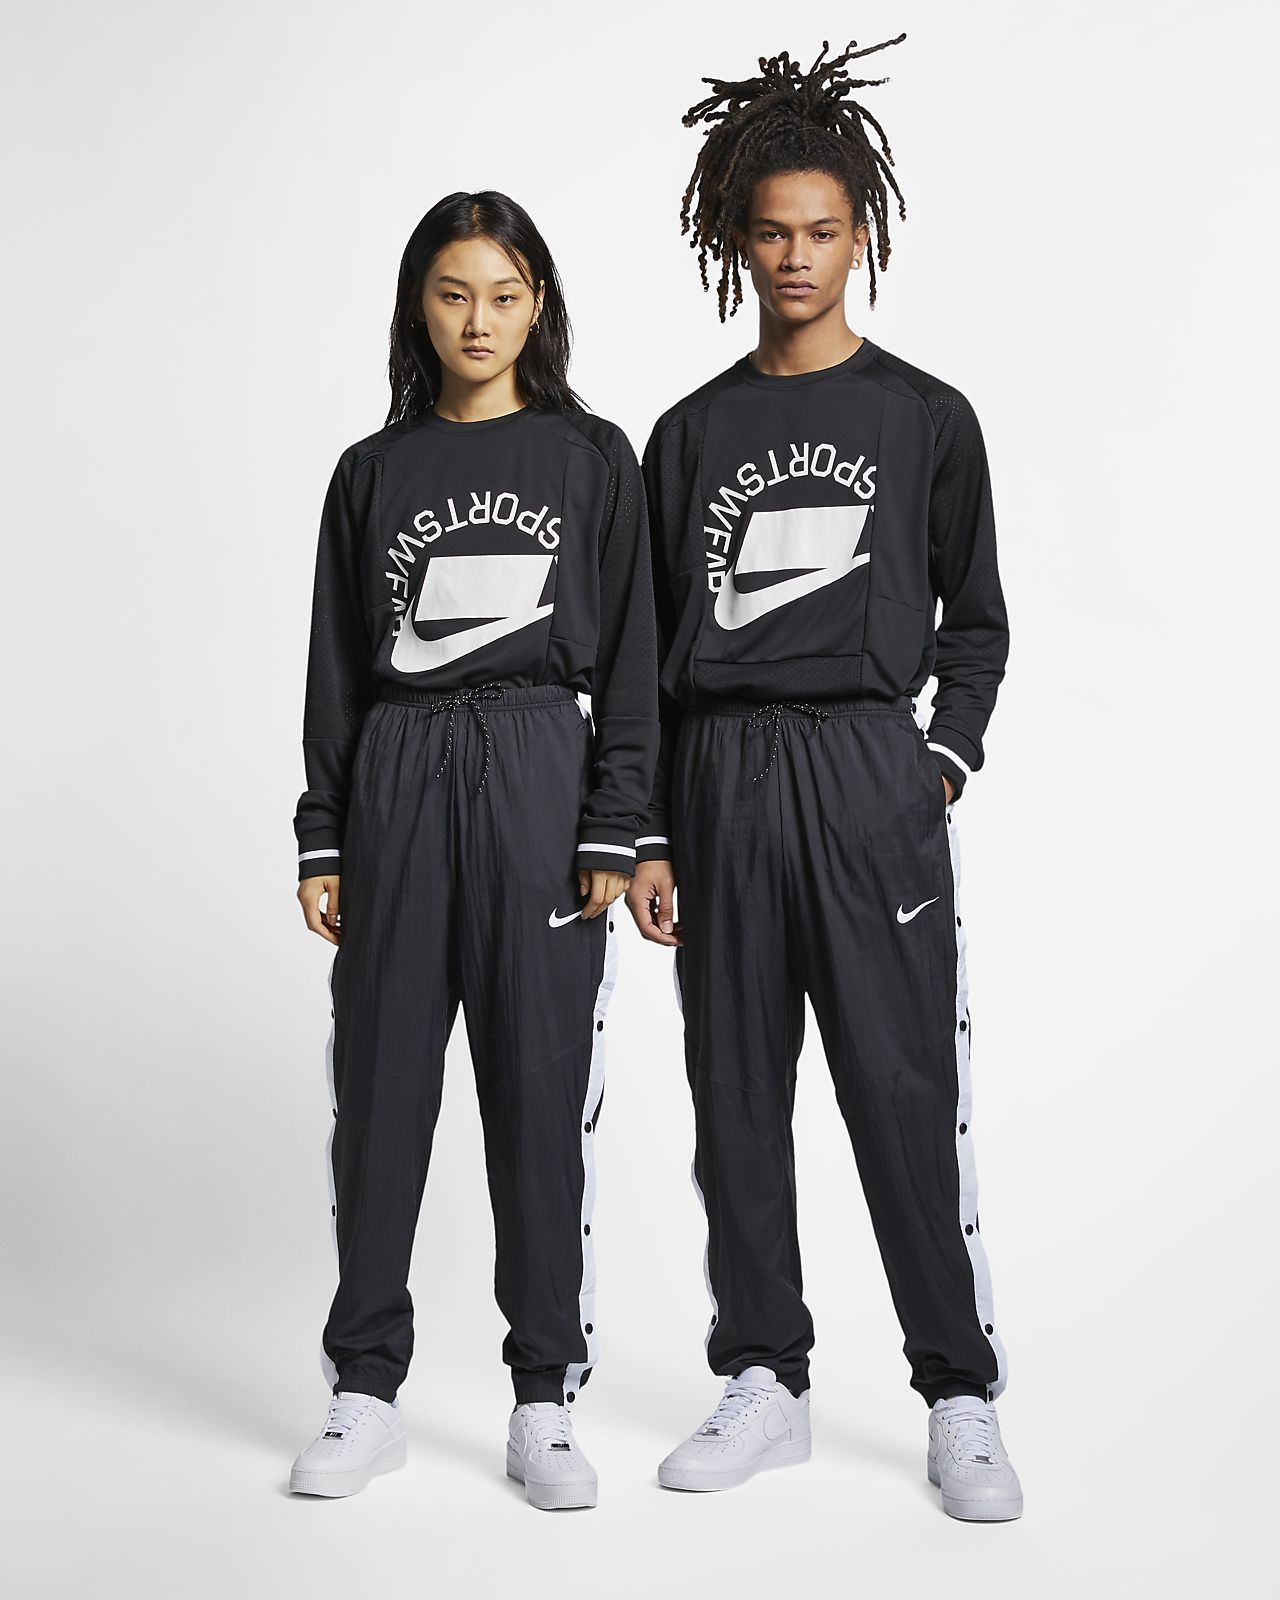 115d6424d7 Low Resolution Nike Sportswear Windrunner Pants Nike Sportswear Windrunner  Pants